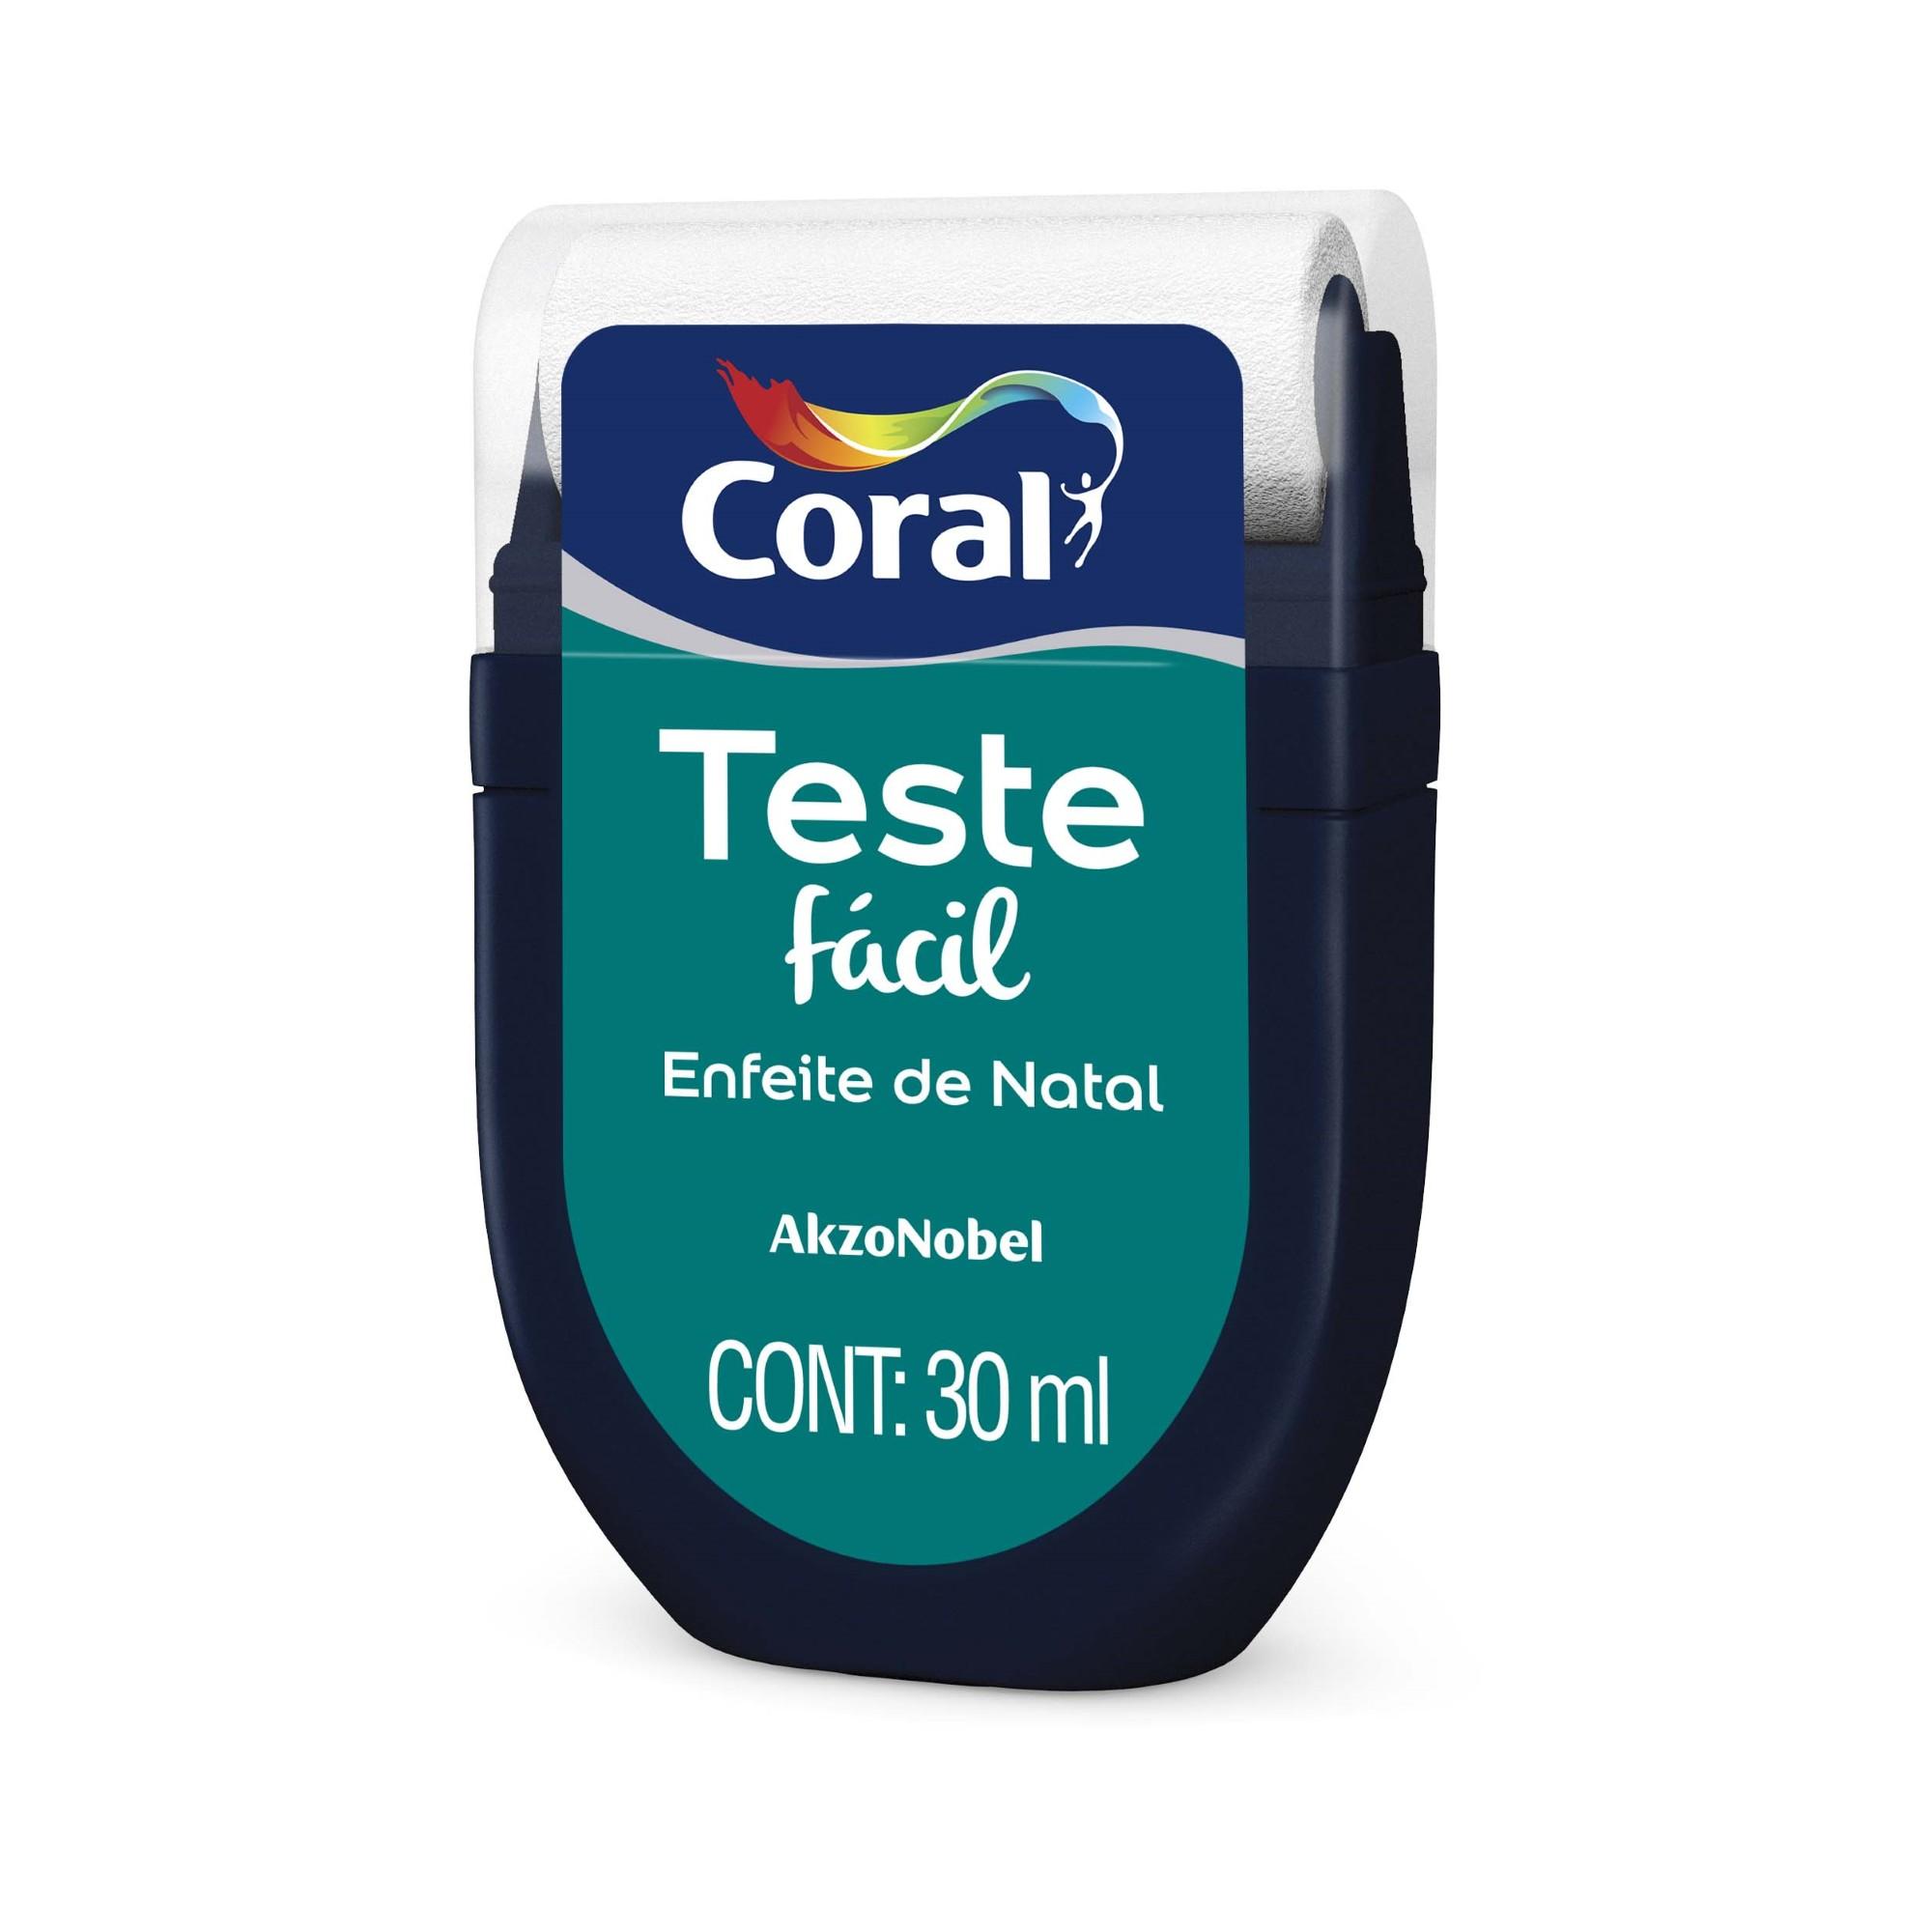 Teste Facil 30ml Enfeite de Natal - Coral